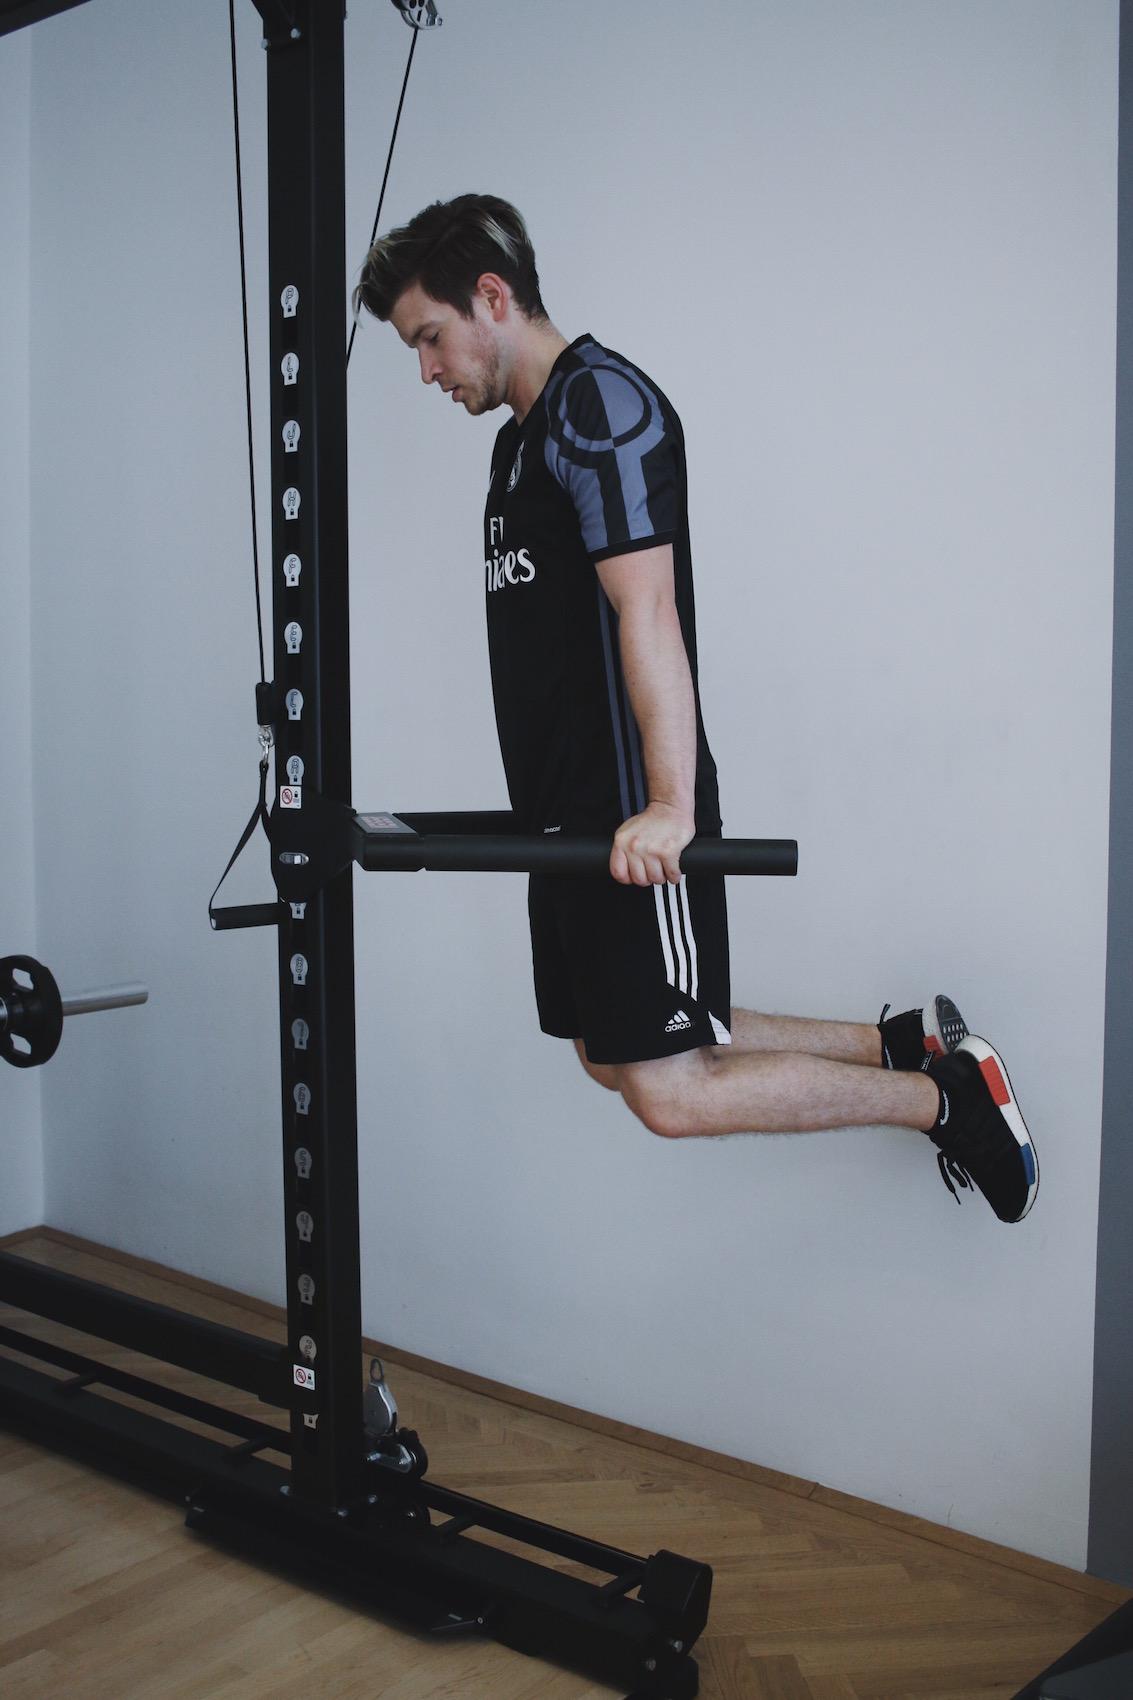 Brusttraining mit eigenem Körpergewicht_Liegestützen und Dips richtig machen_Meanwhile in Awesometown_Wiener Männermode und Lifestyle Blogger3